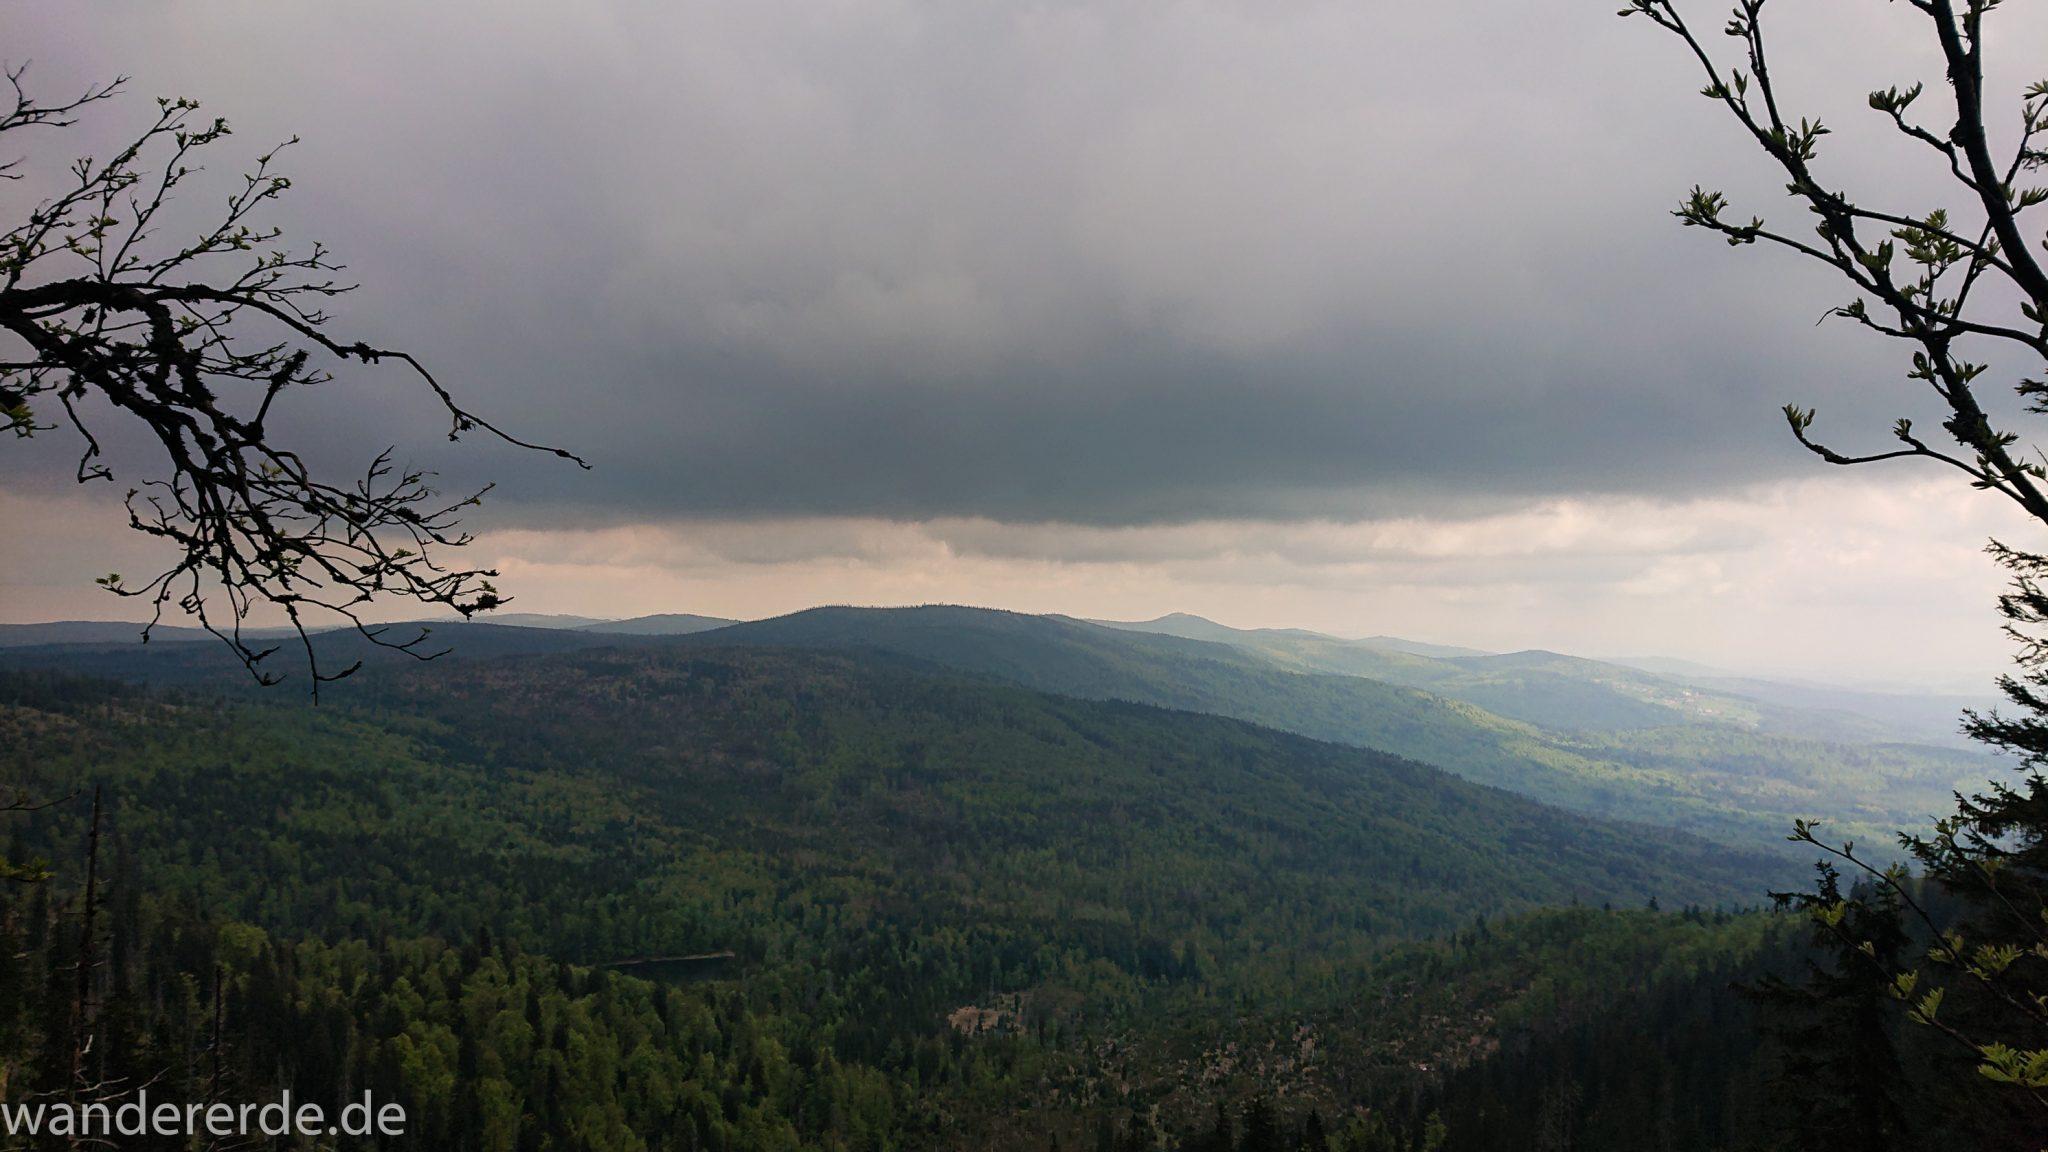 Wanderung Großer Rachel im Nationalpark Bayerischer Wald, Start Parkplatz Oberfrauenau, Aussicht auf riesiges Waldgebiet und Berge in der Ferne, schöner dichter Wald